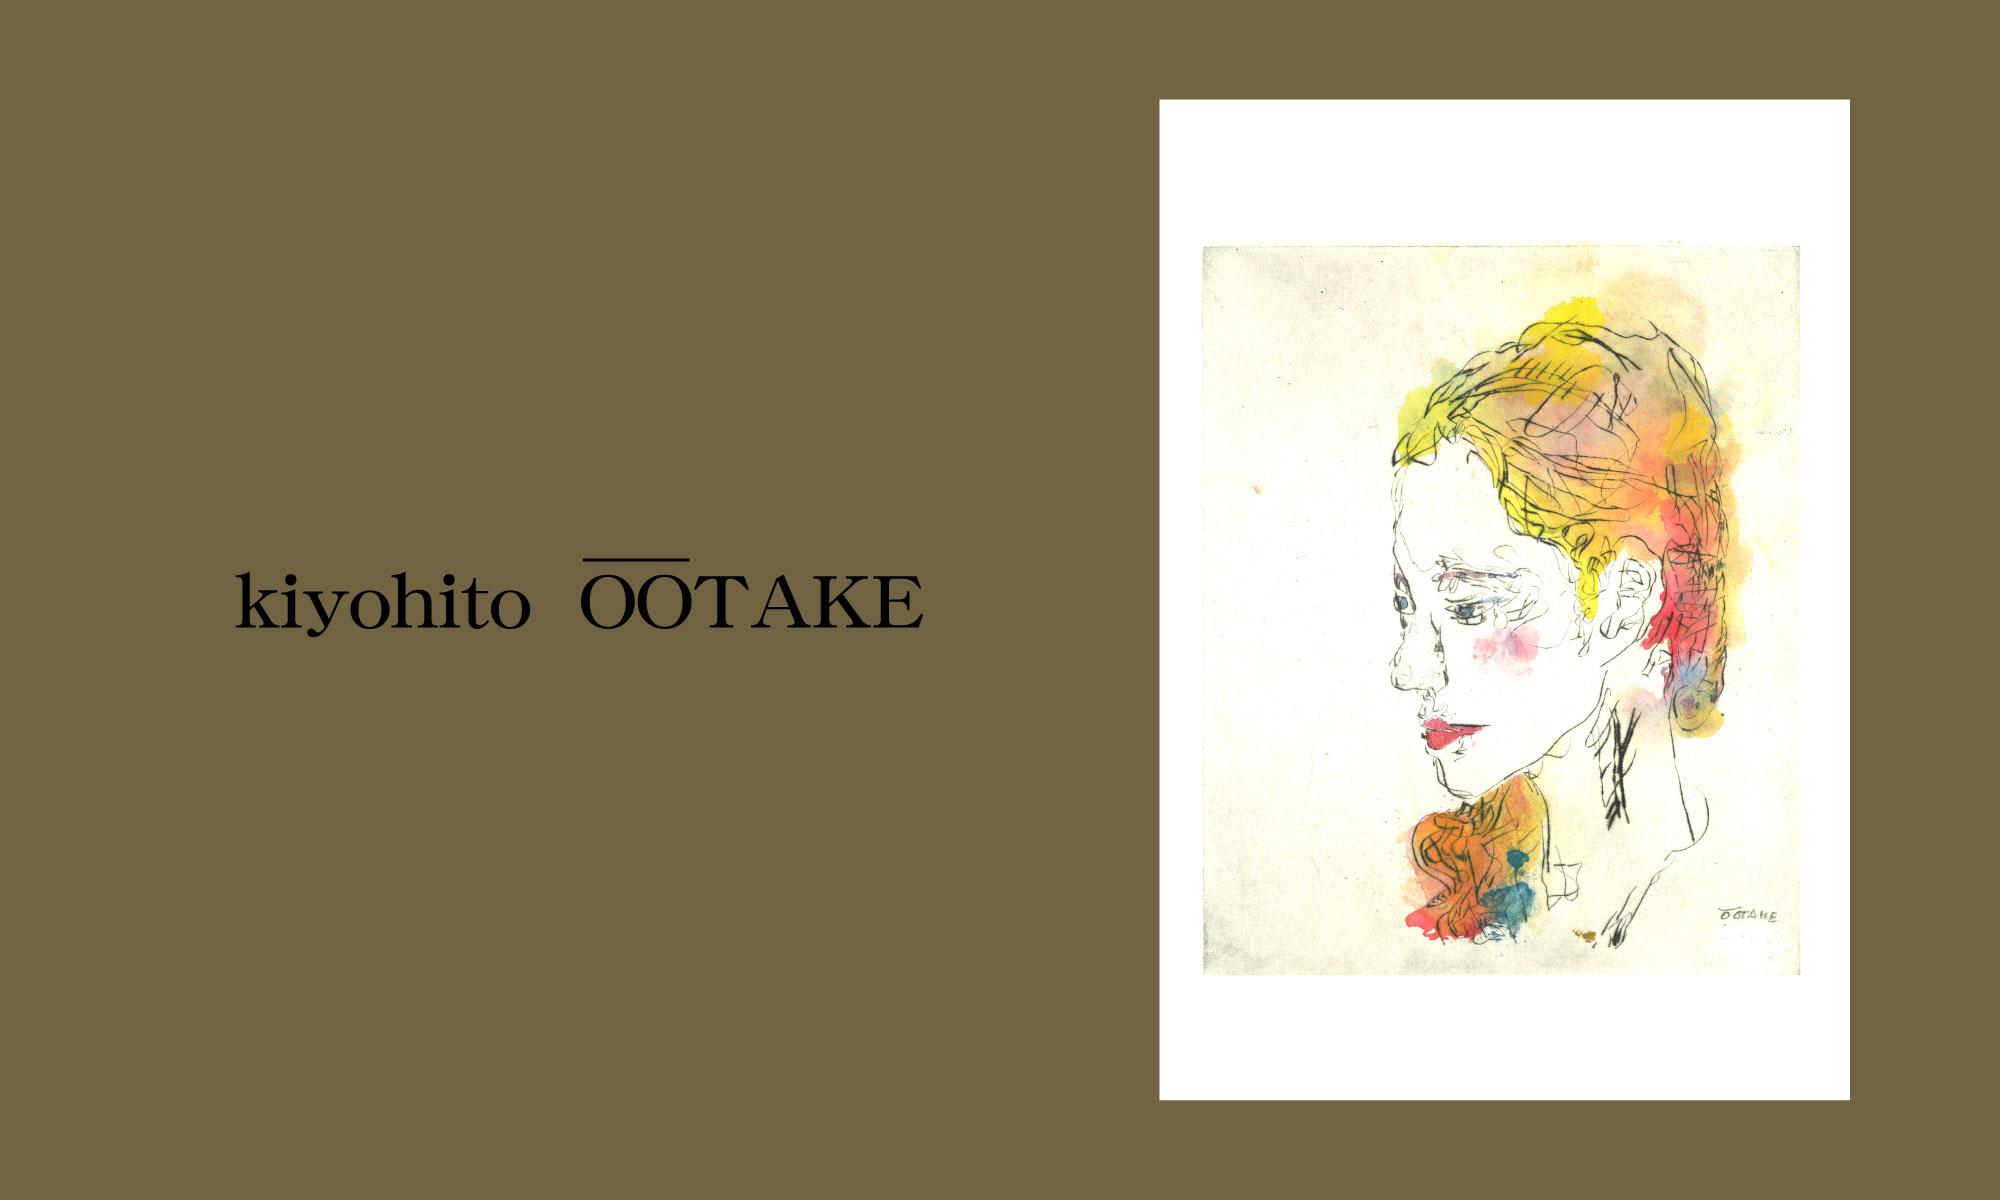 Kiyohito Ootake